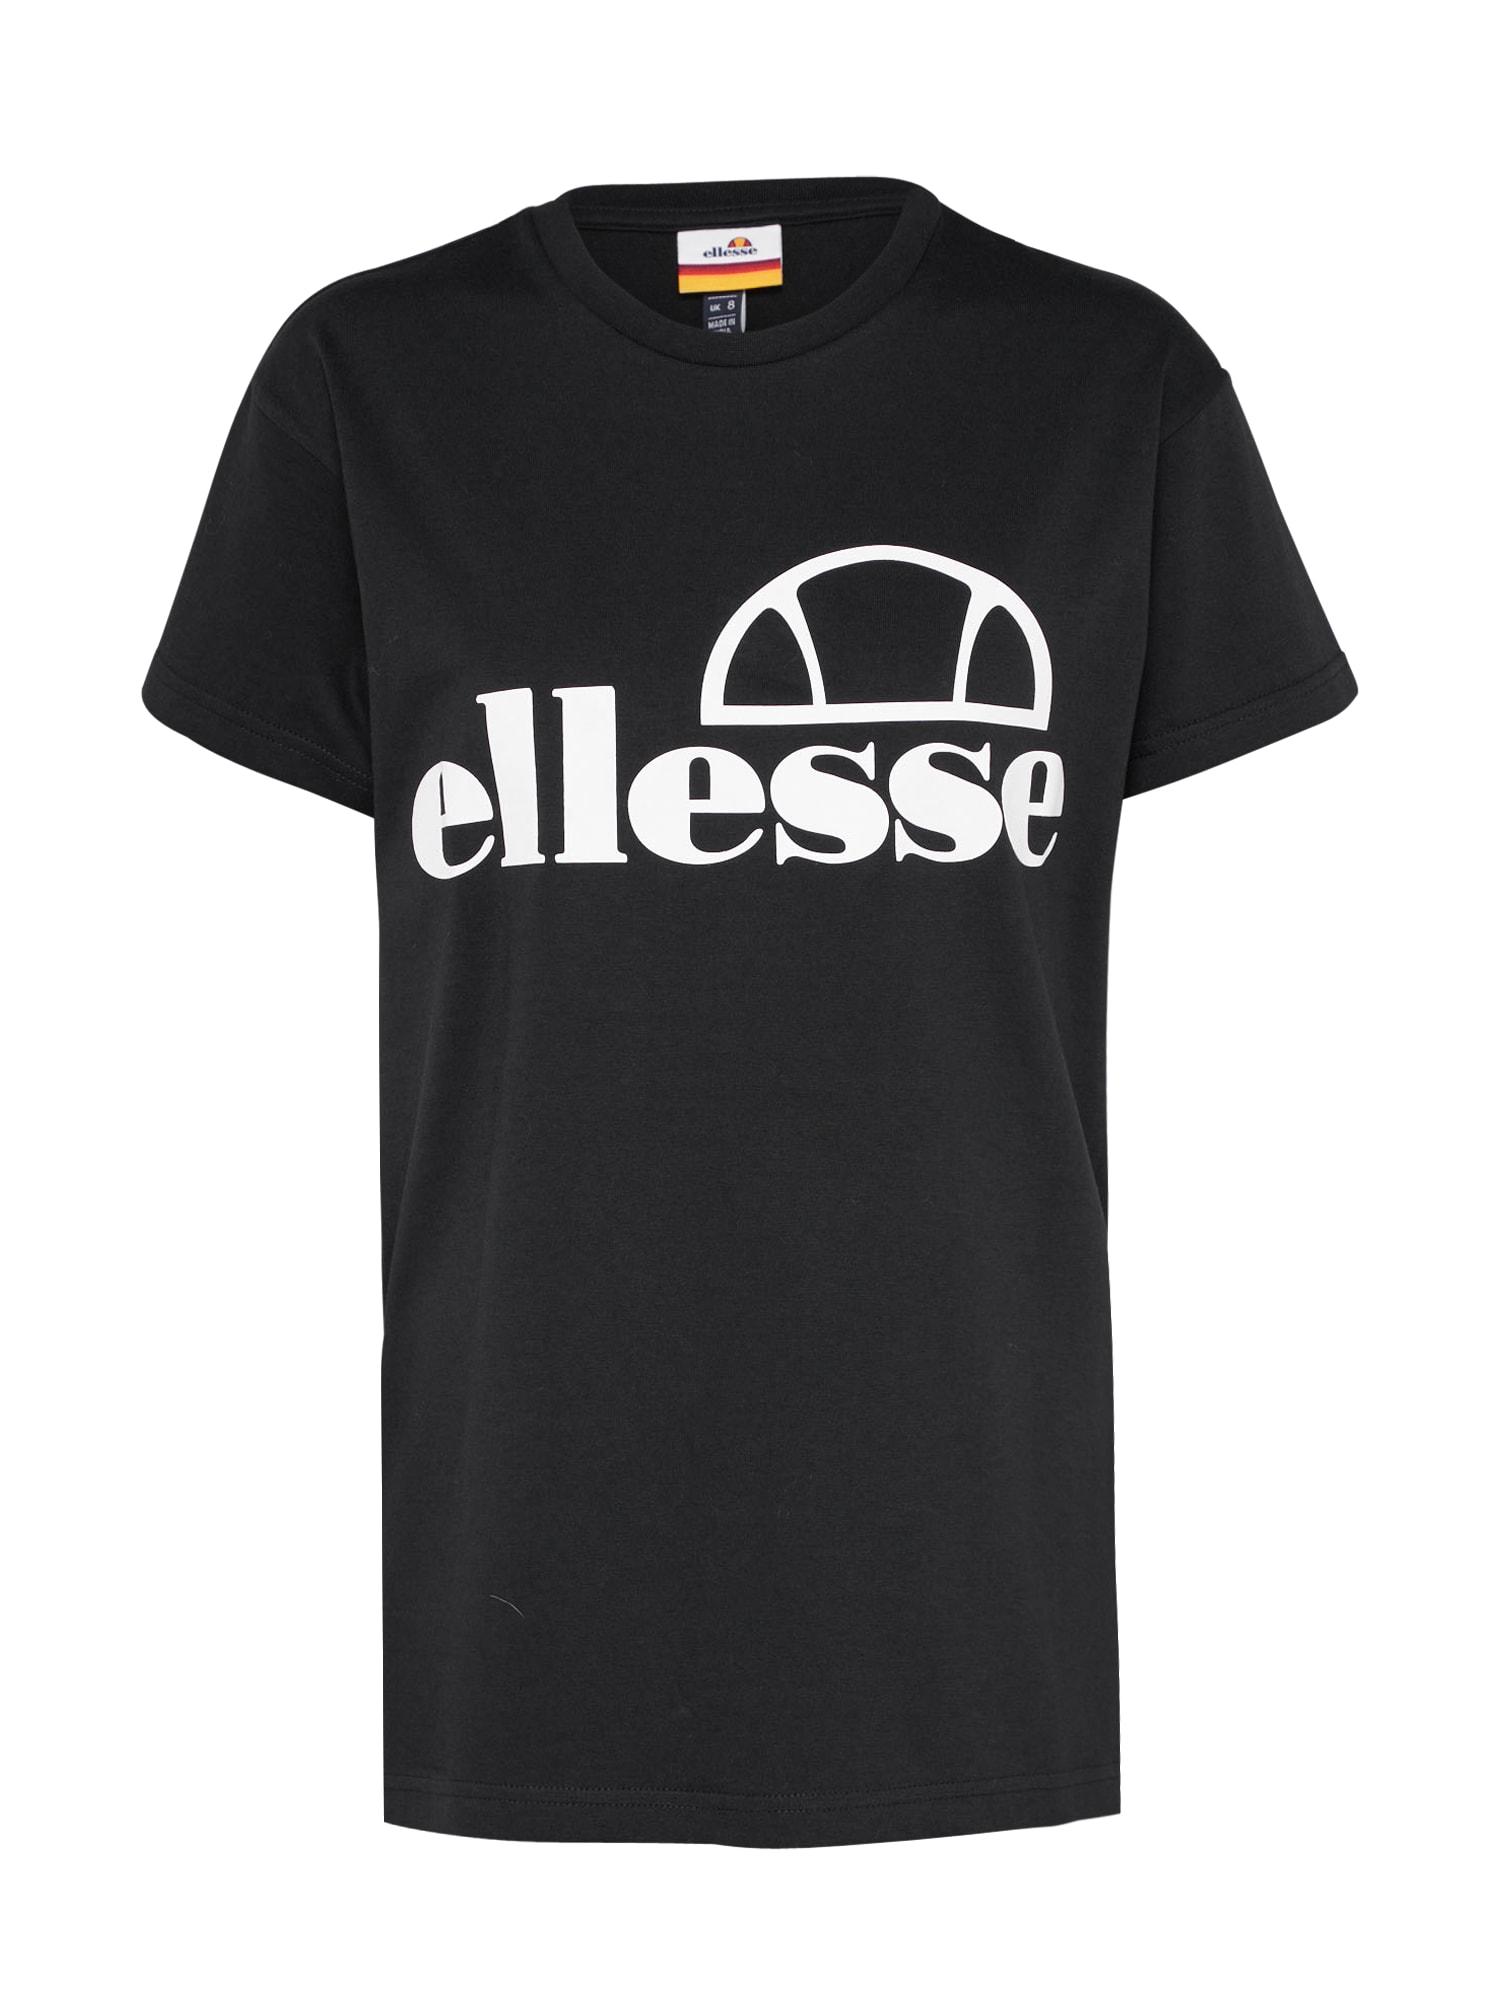 ELLESSE Dames Shirt ARABELLA grijs zwart